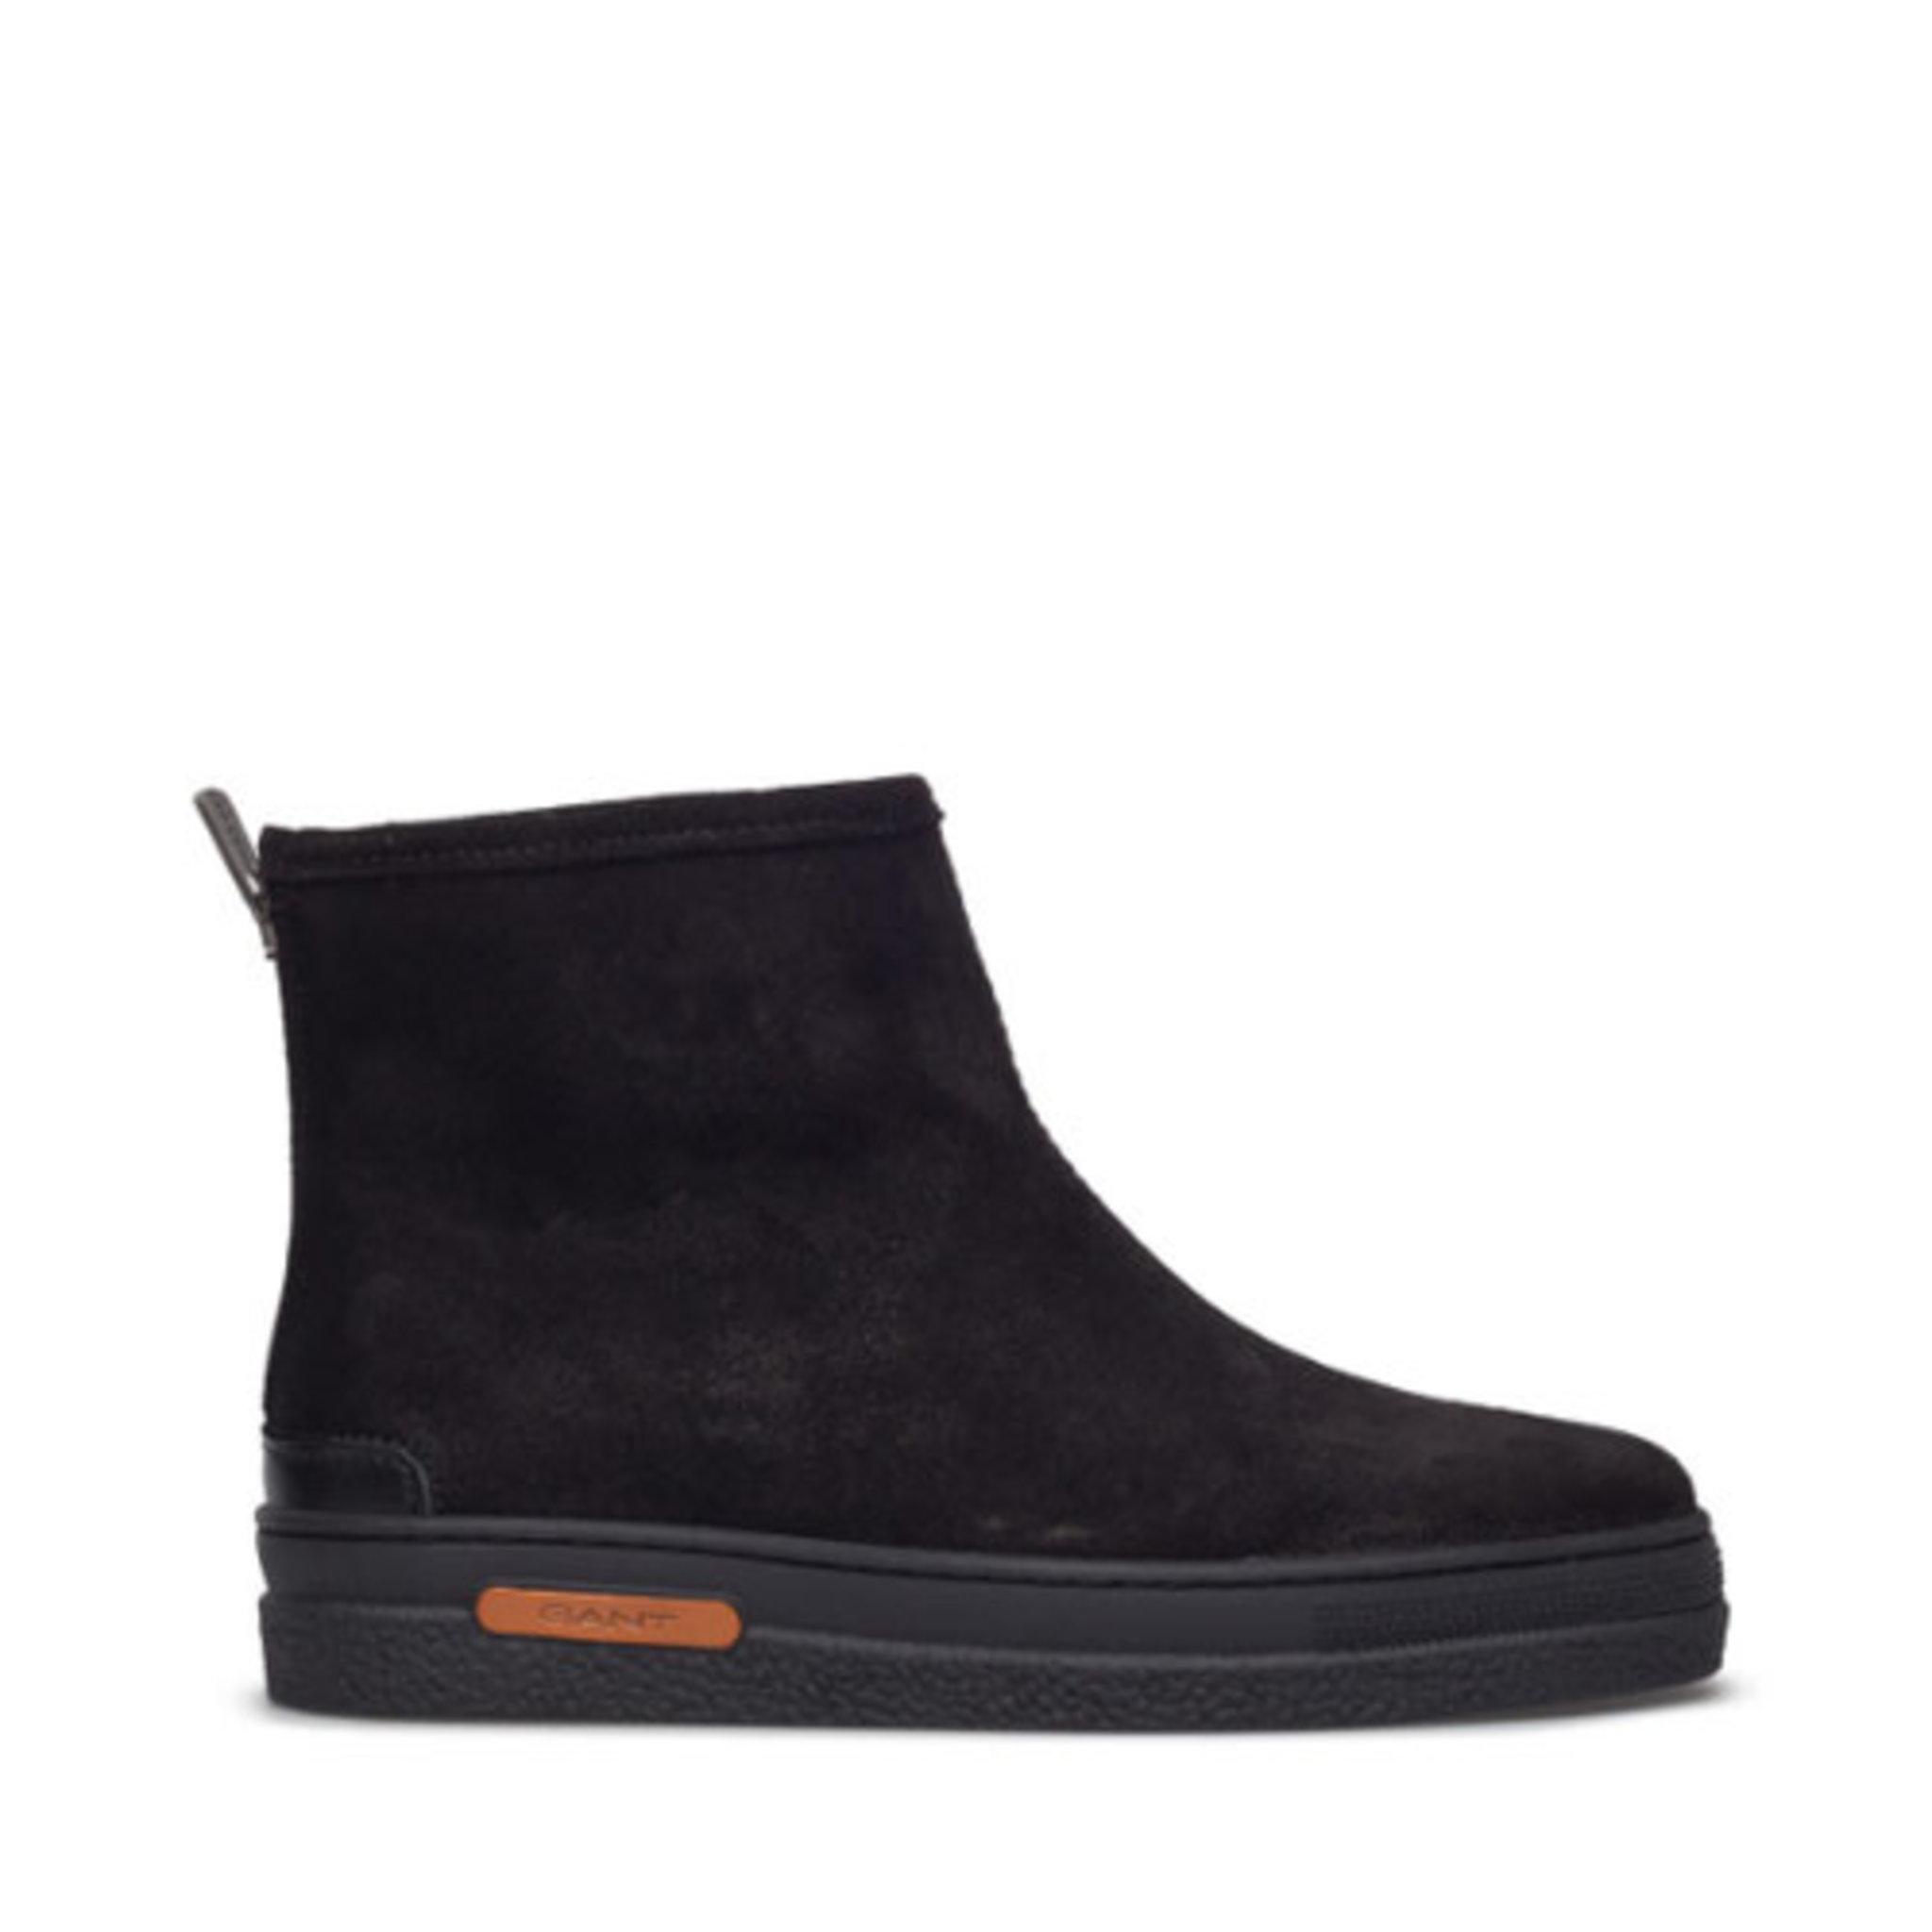 d6fe7e380e5 Maria Boots - Stövlar & boots - Köp online på åhlens.se!